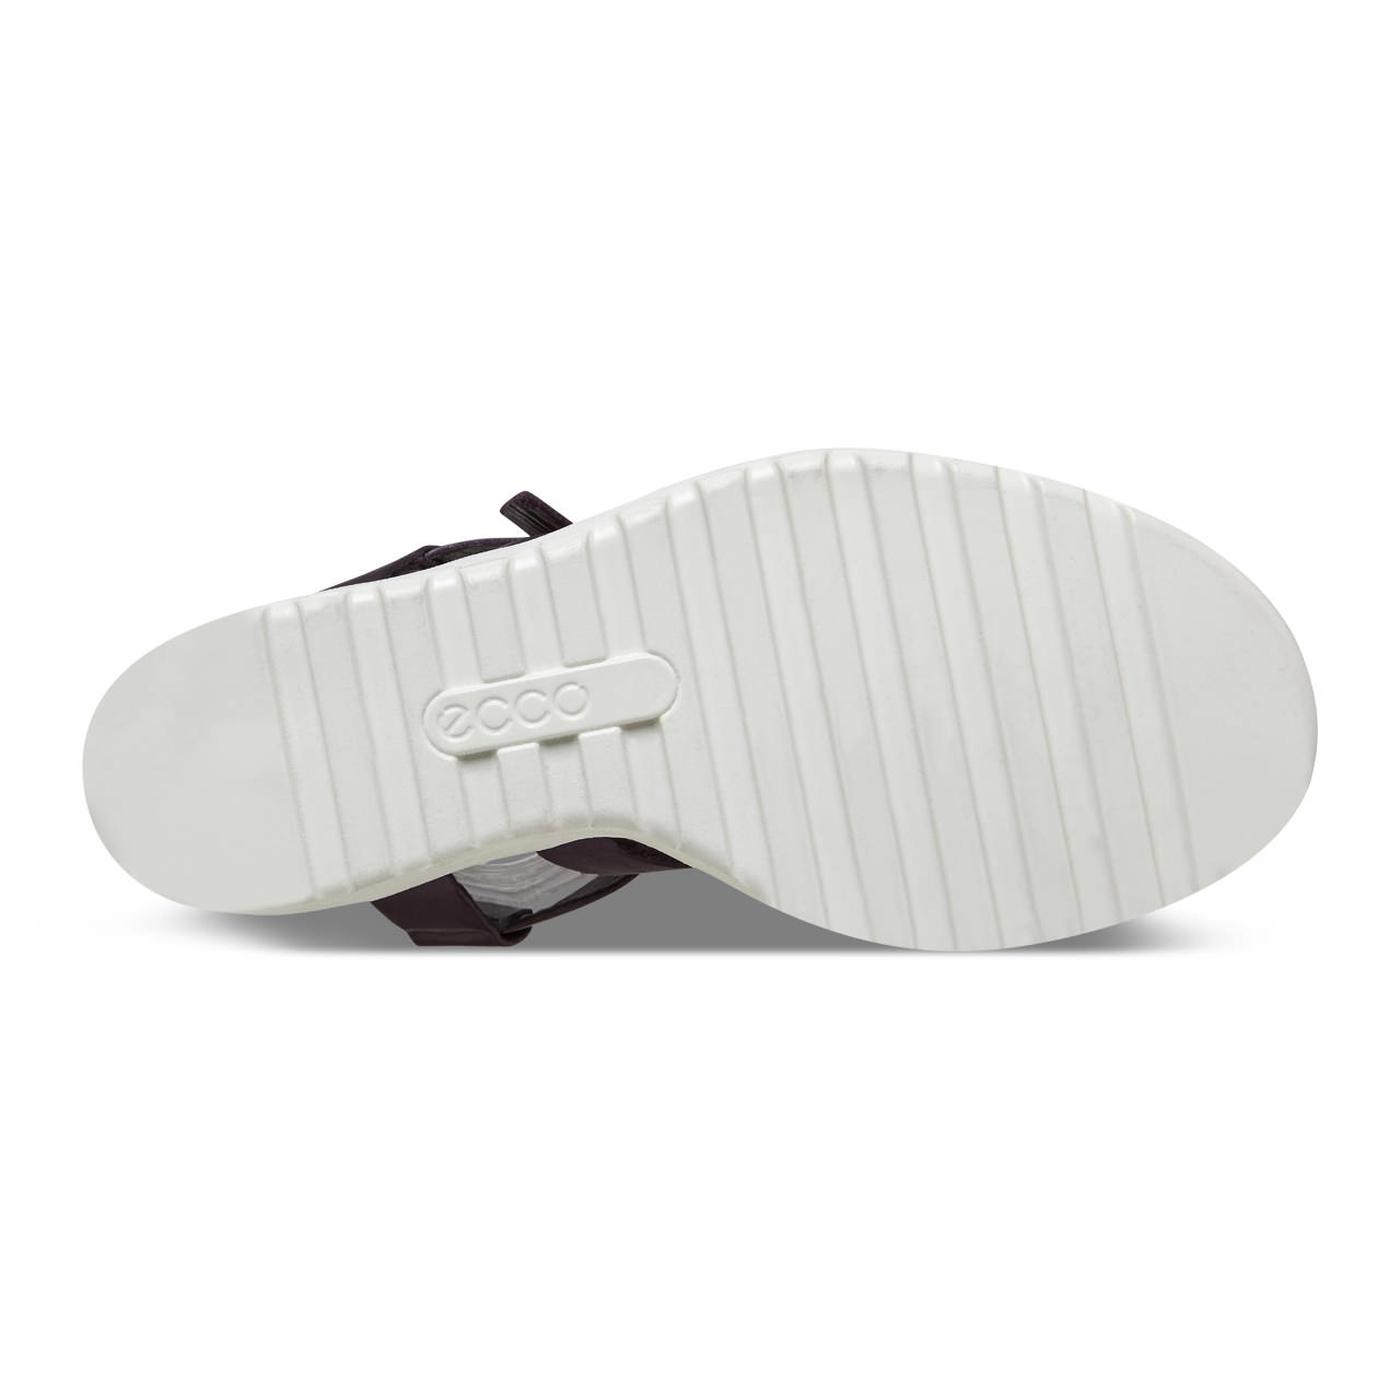 ECCO Freja 75mm Wedge Sandal